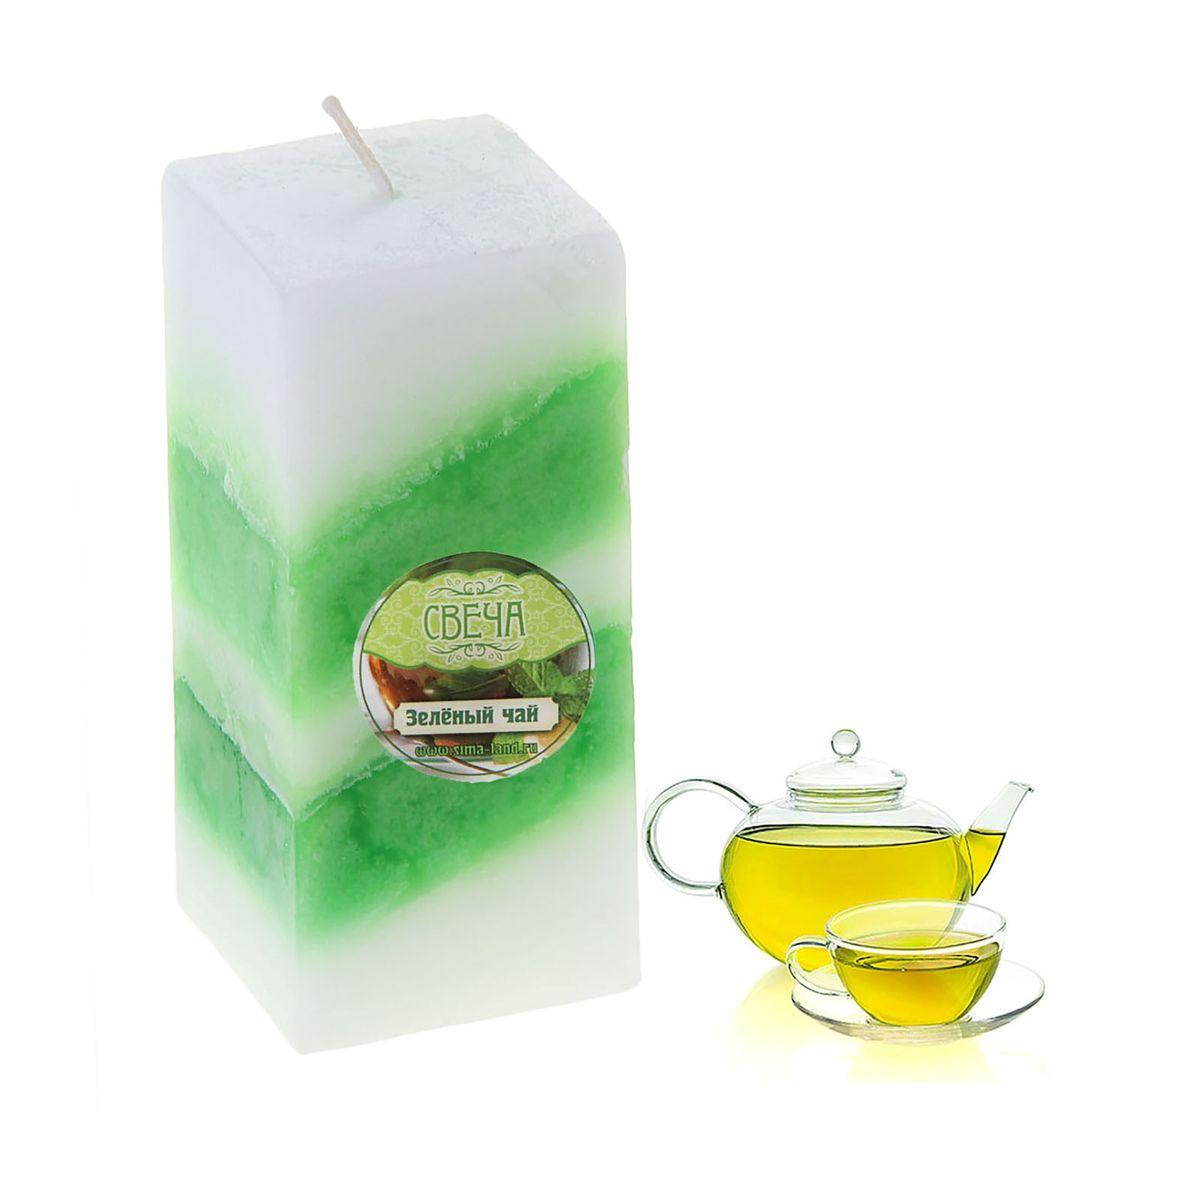 Свеча ароматизированная Sima-land Зеленый чай, высота 10 см849588Свеча ароматизированная Sima-land Зеленый чай выполнена из воска. Отличается ярким дизайном, который понравится как женщинам, так и мужчинам. Создайте для себя и своих близких не забываемую атмосферу праздника и уюта в доме. Свеча Sima-land Зеленый чай будет радовать ароматом зеленого чая и раскрасит серые будни яркими красками.